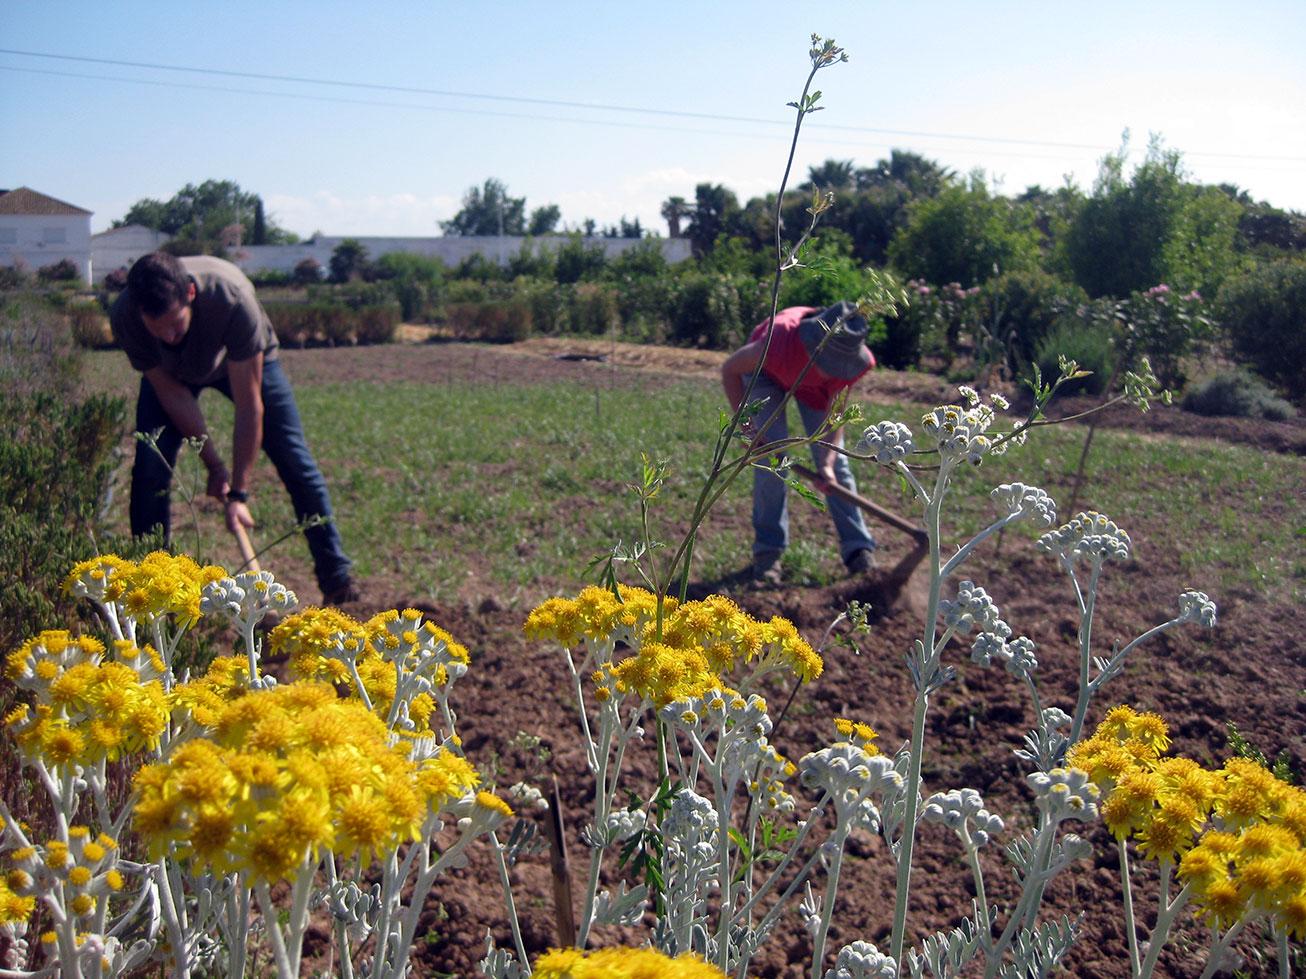 FIARE Banca Etica: una apuesta decidida por la agroecología y el desarrollo rural